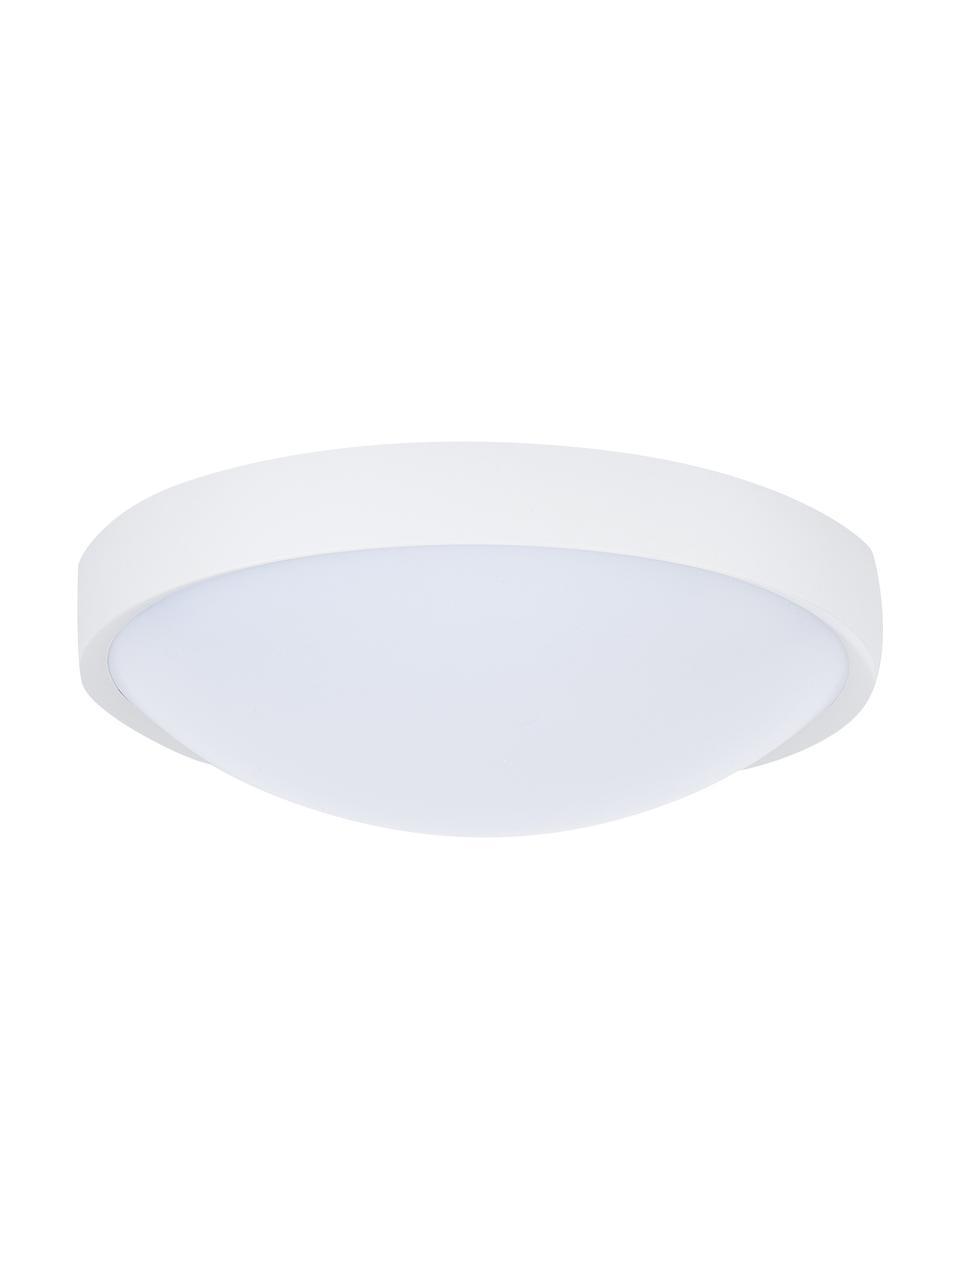 Kleines LED-Panel Altus, Lampenschirm: Kunststoff, Diffusorscheibe: Kunststoff, Weiß, Ø 30 x H 9 cm